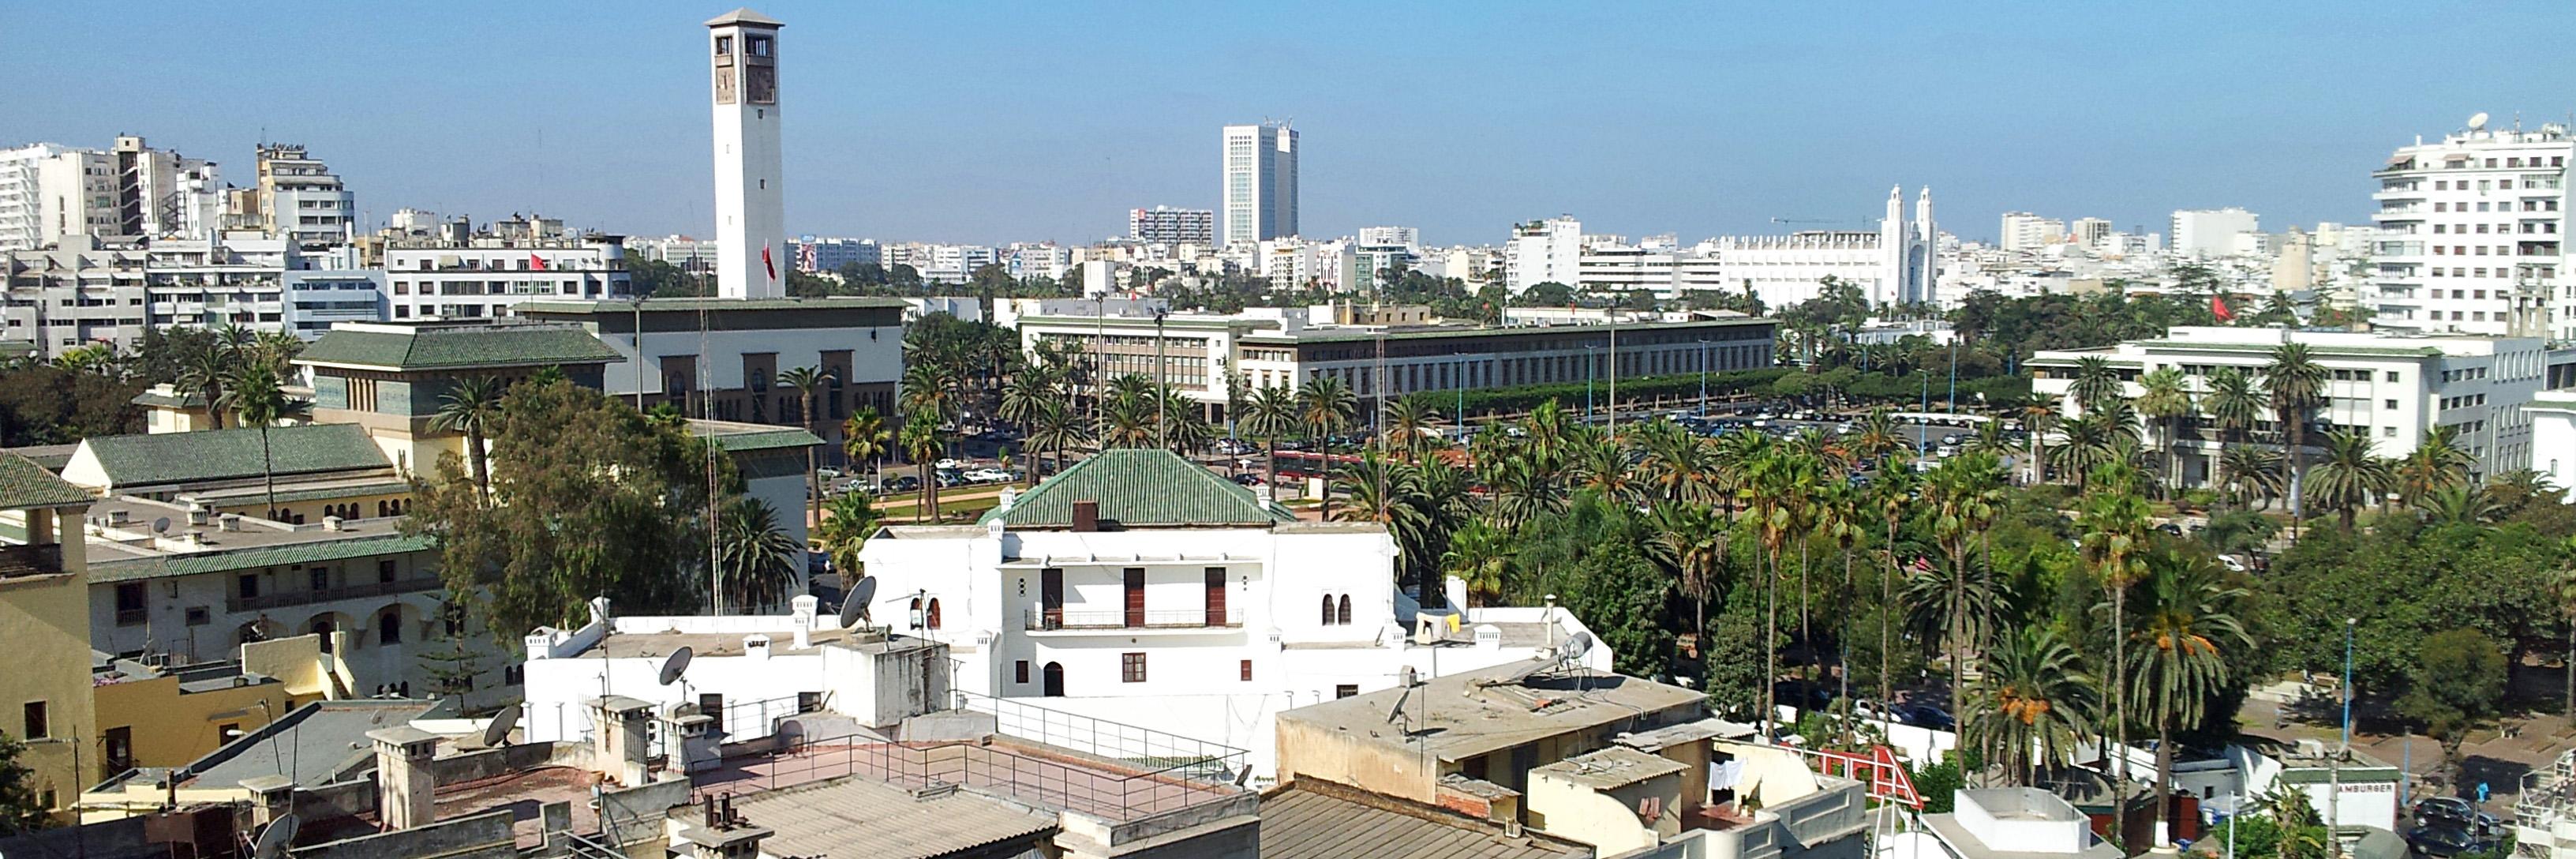 Desk marocco casablanca promofirenze - Marocco casablanca ...